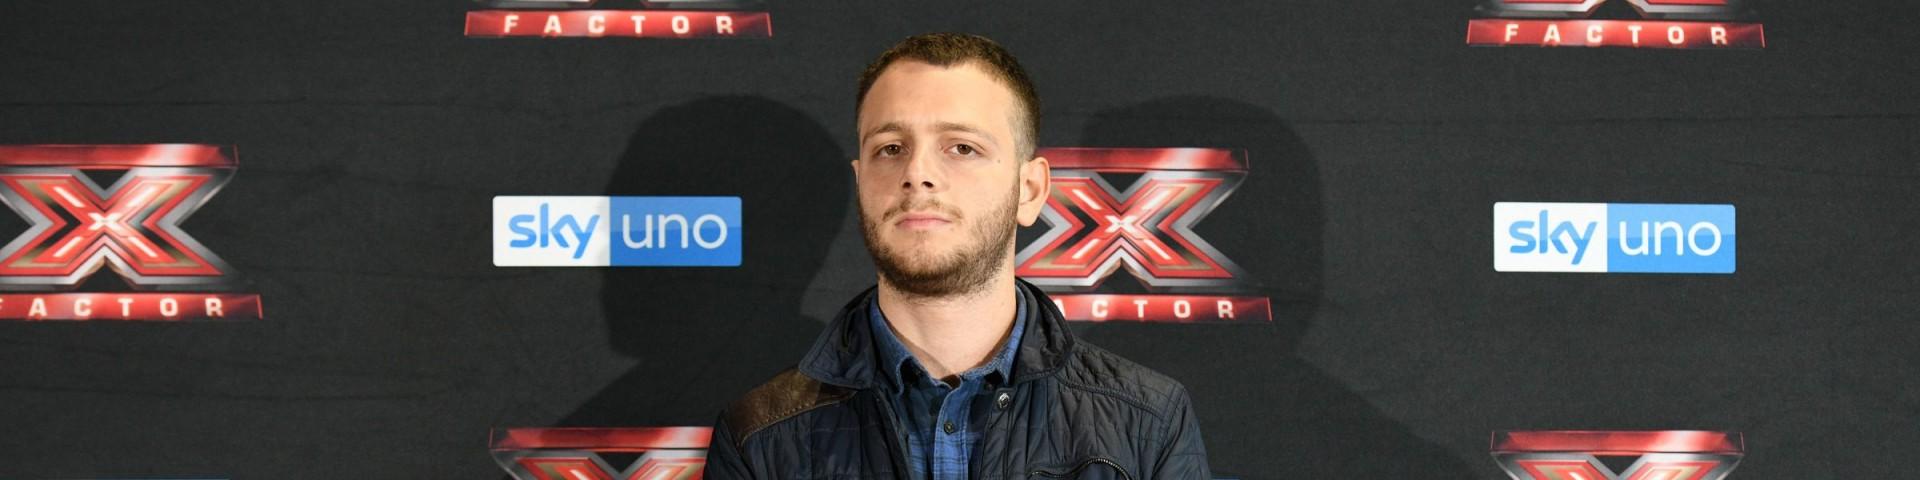 """Anastasio: annunciato """"La fine del mondo tour 2019"""" per il vincitore di X Factor 12"""